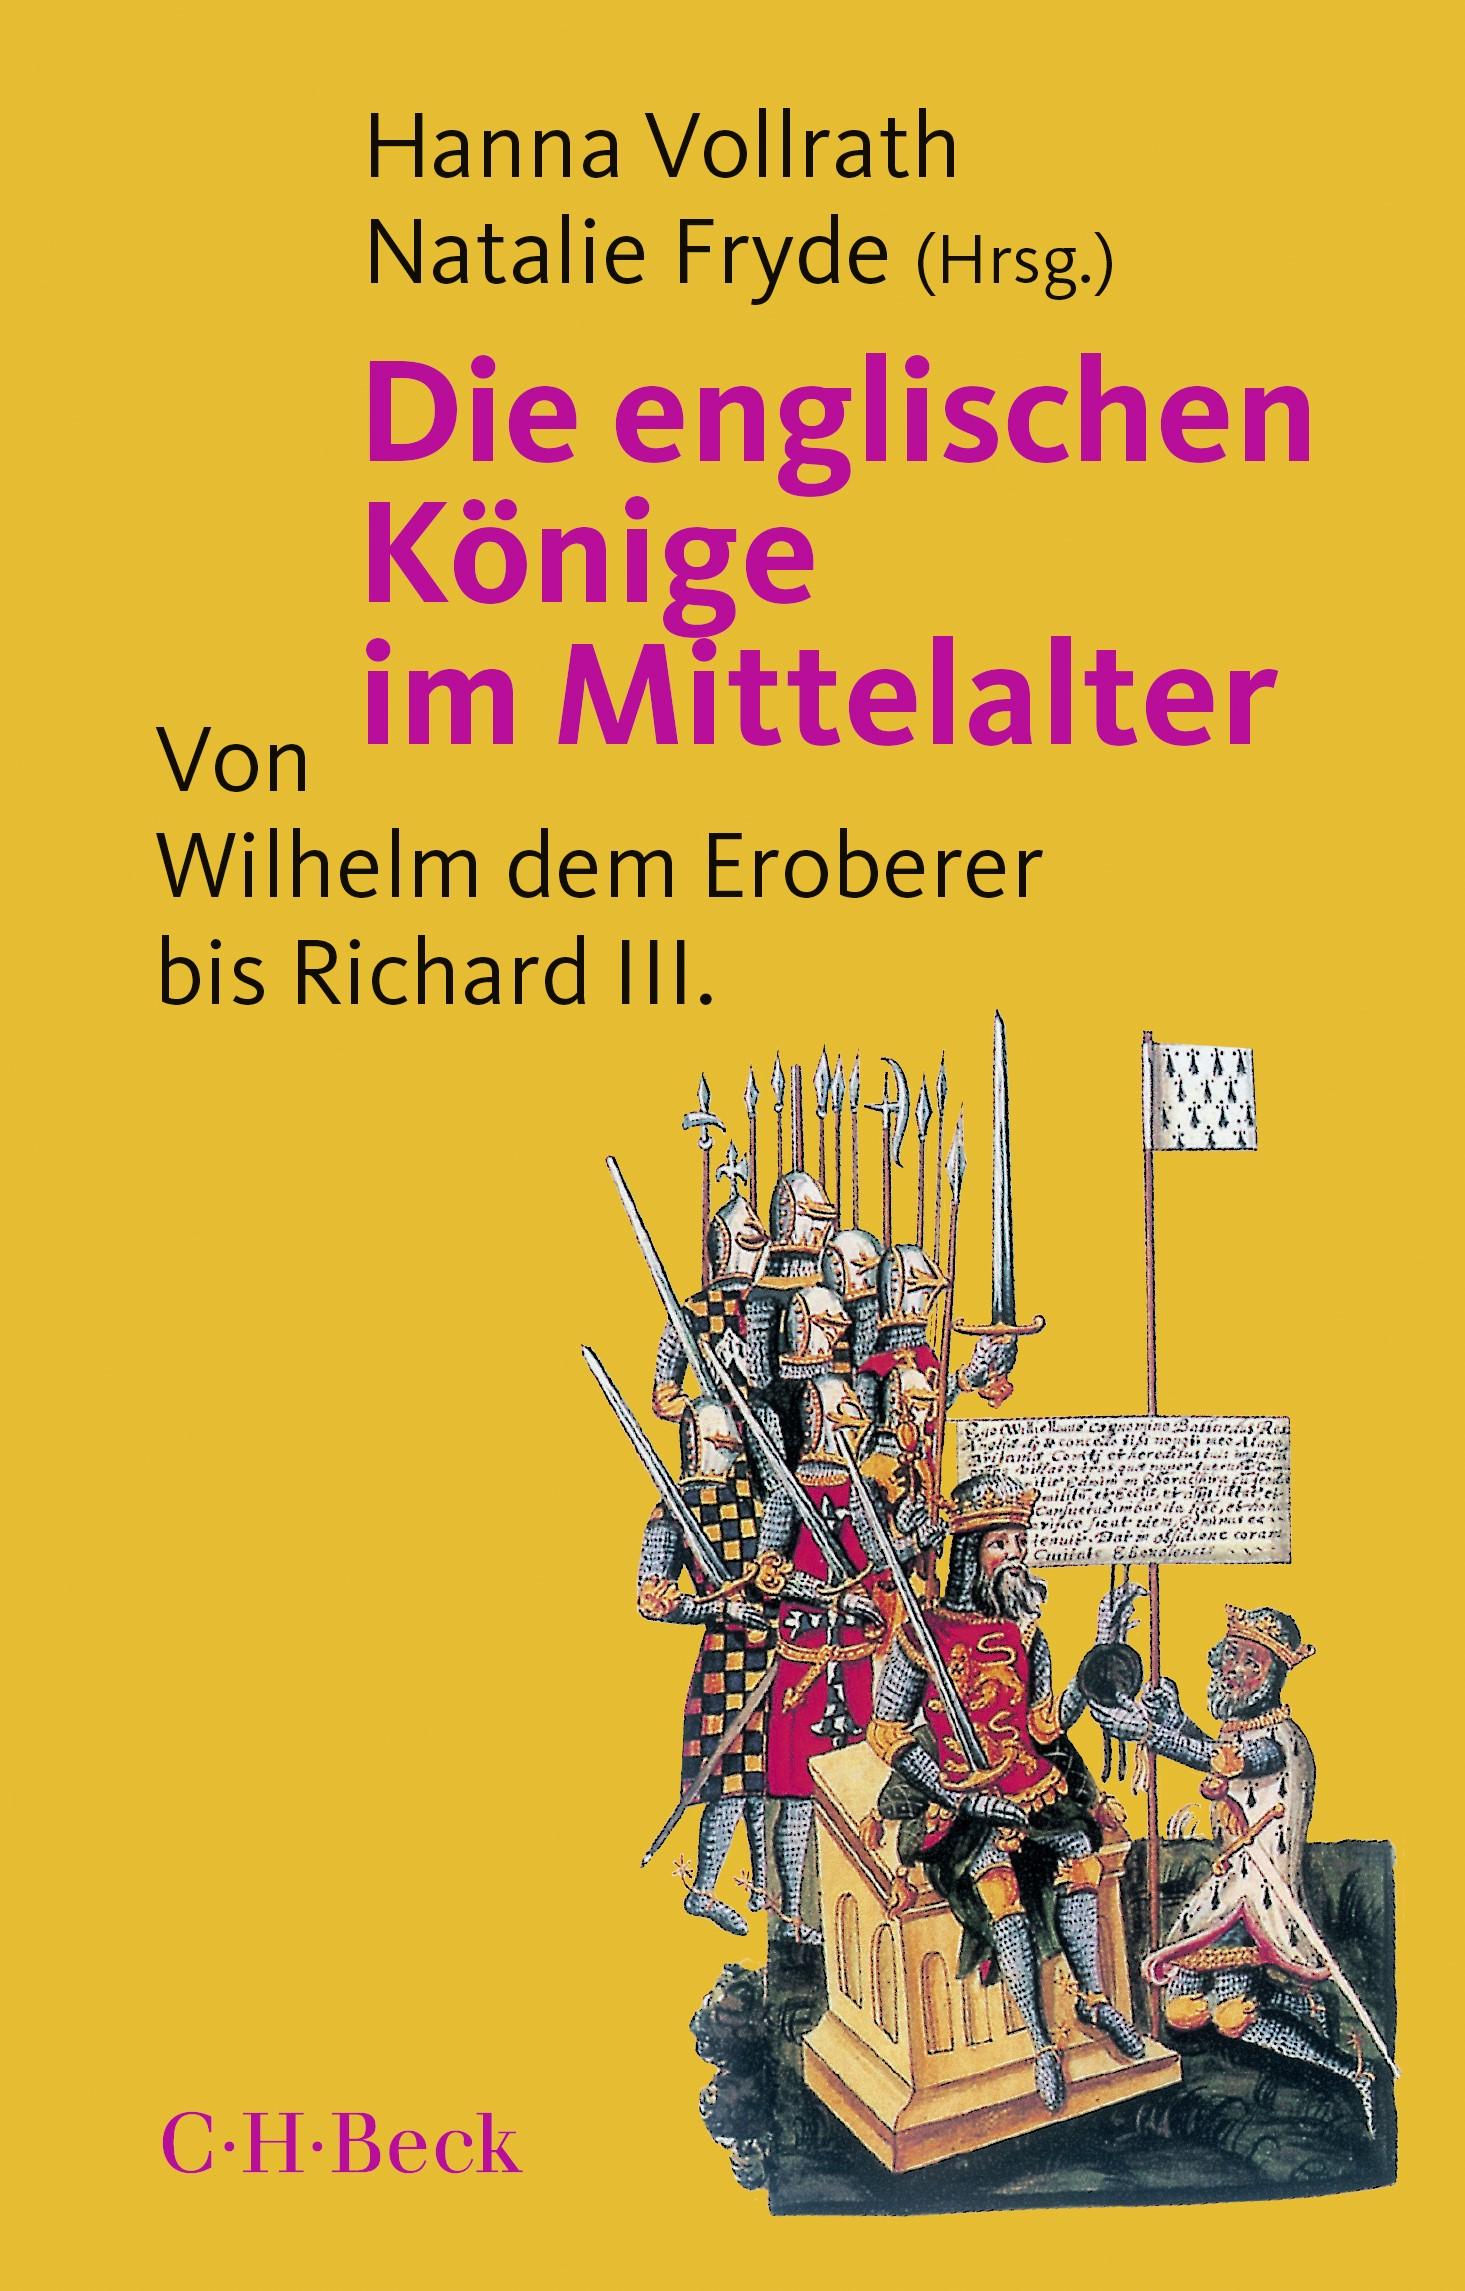 Die englischen Könige im Mittelalter | Vollrath, Hanna / Fryde, Natalie | 3. Auflage, 2018 | Buch (Cover)